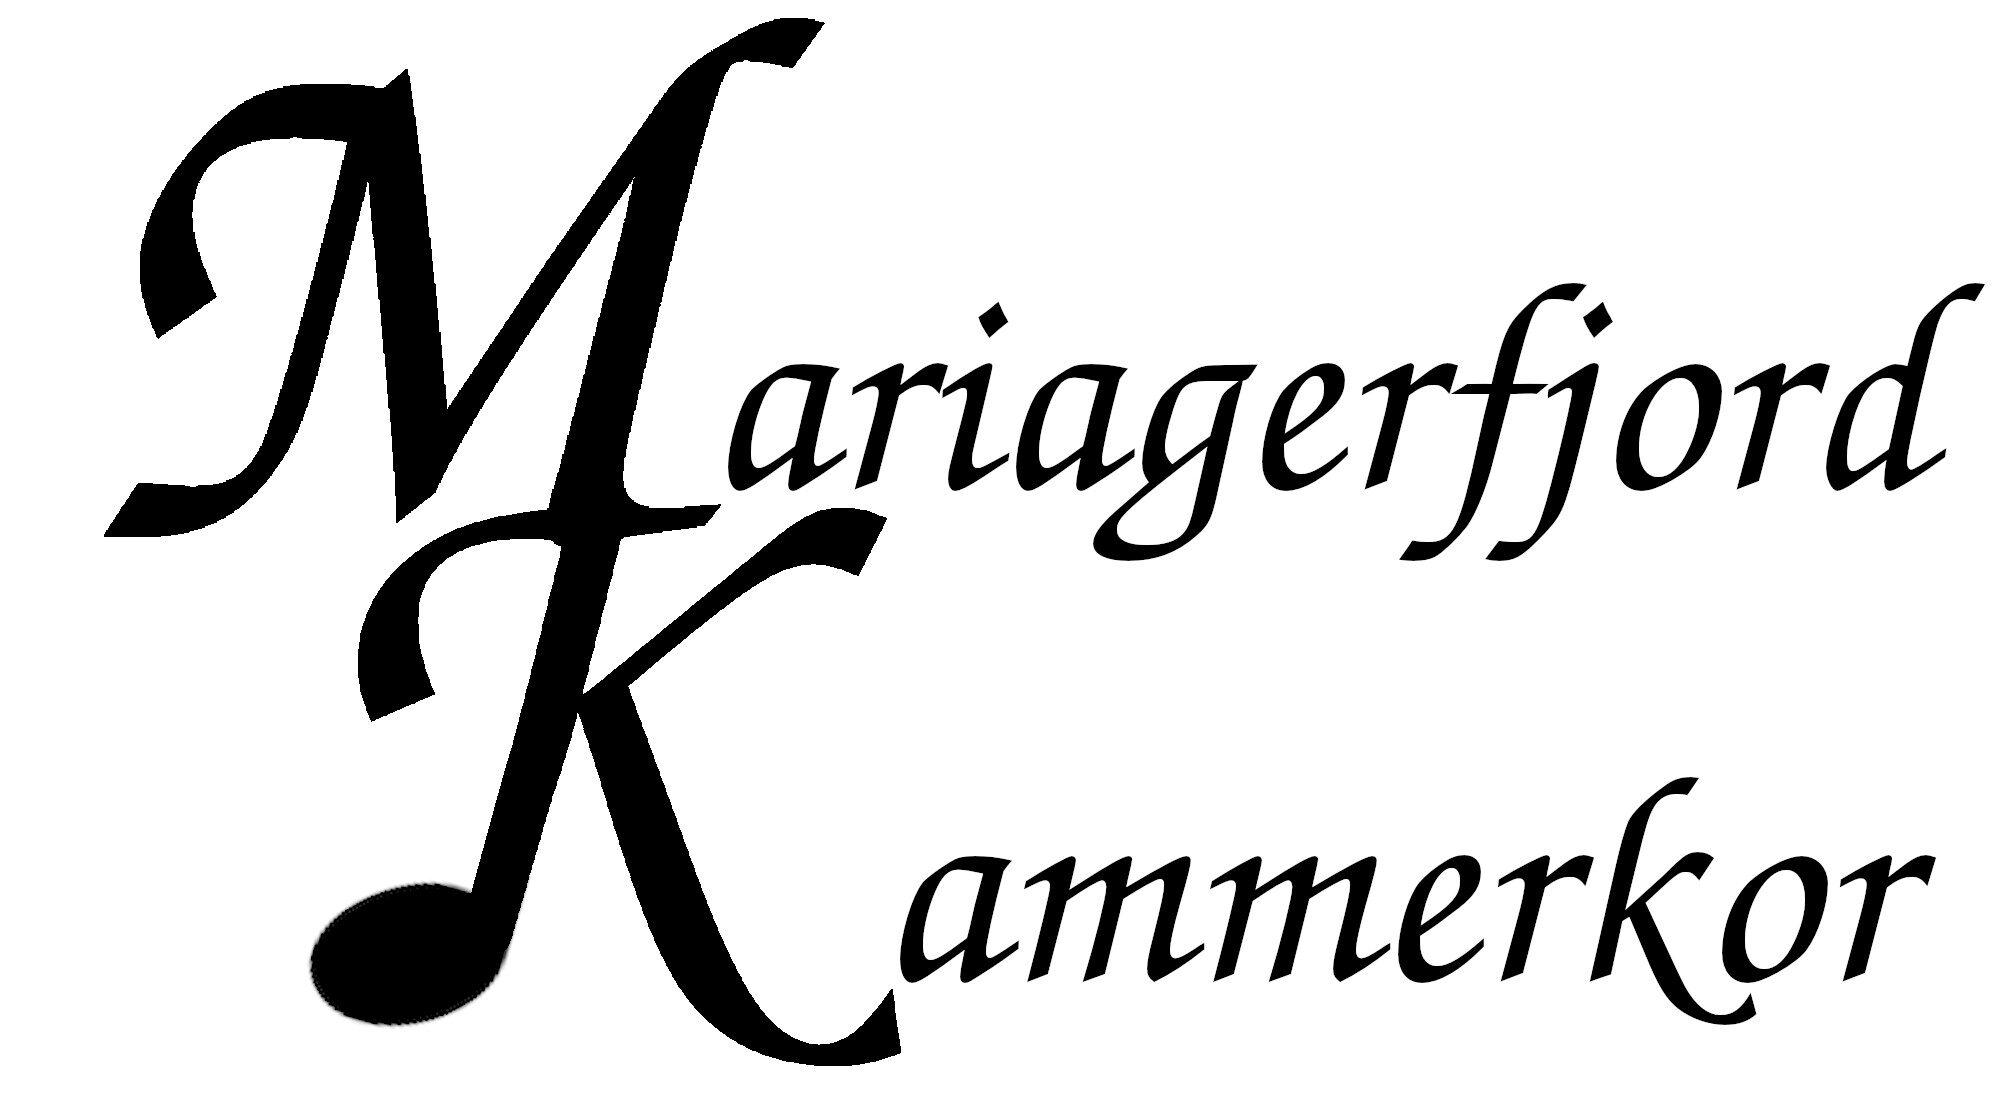 Mariagerfjord Kammerkor